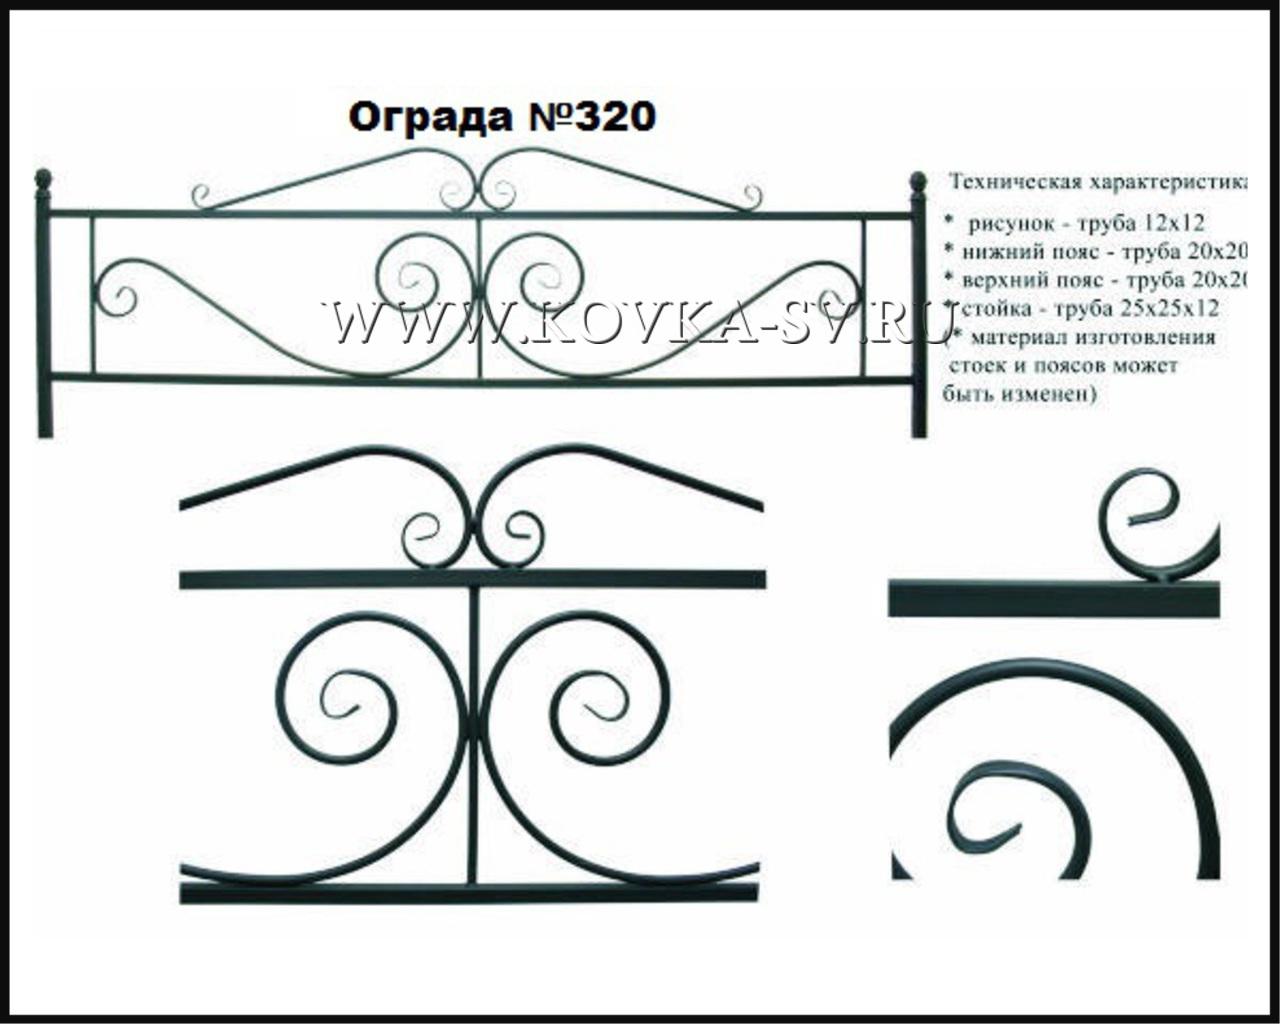 Ограда №320